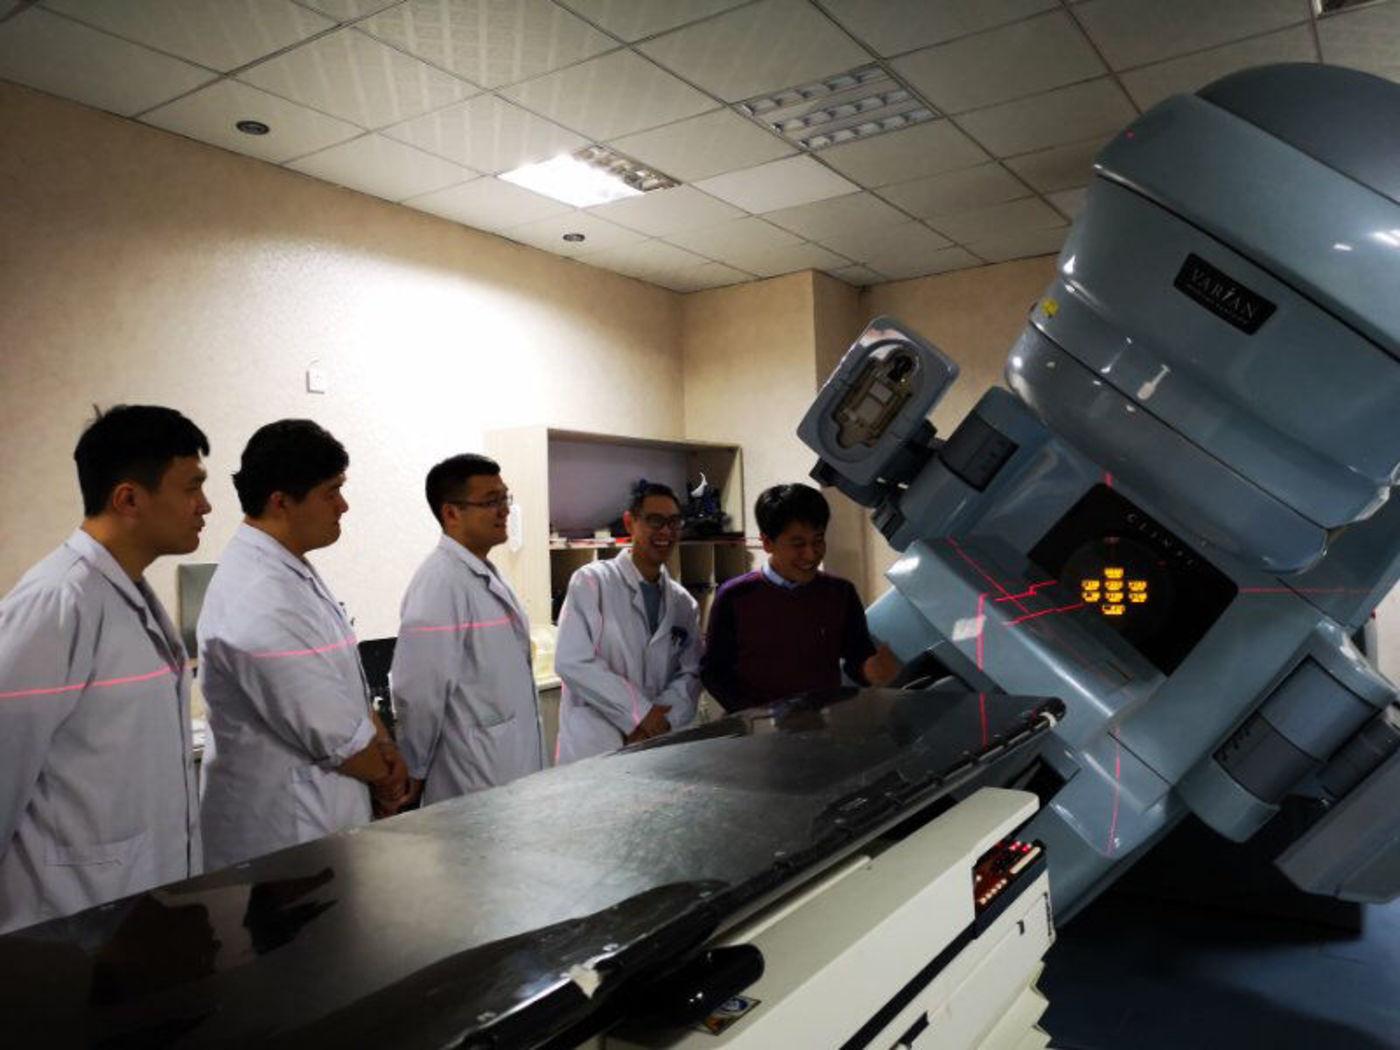 放疗设备的质量保证(QA)和质量控制(QC)是高质量放射治疗服务的必要条件,王璐和同事们在进行质控讨论